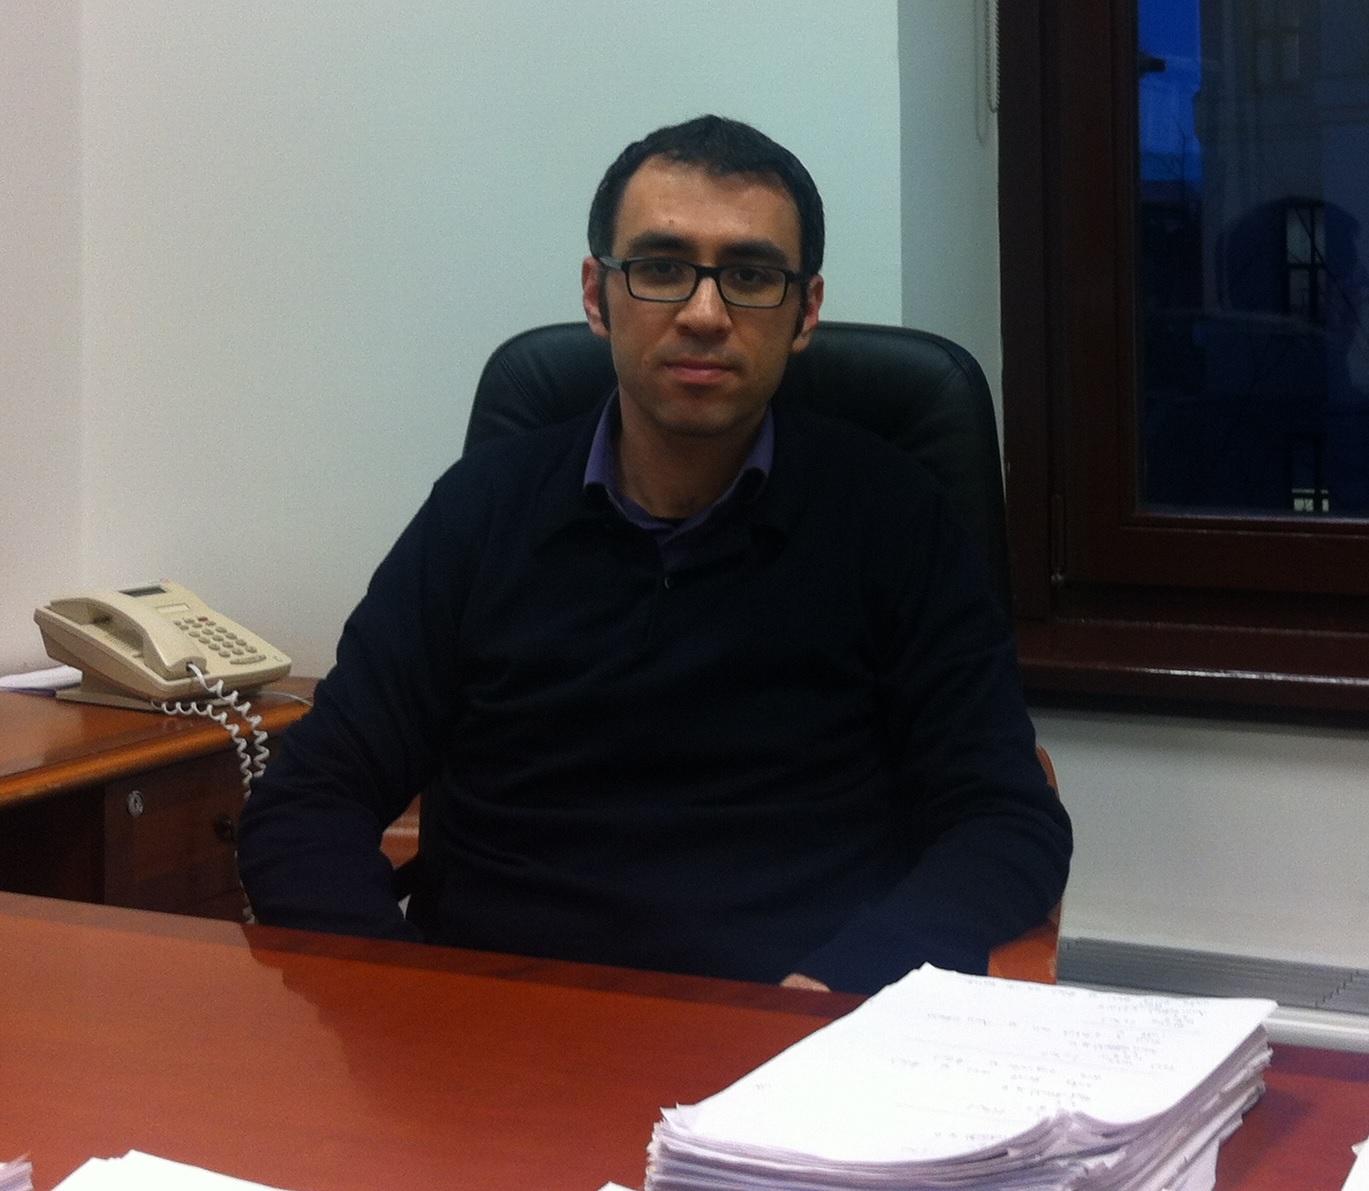 Emre Mengi - Koç Üniversitesi - Matematik